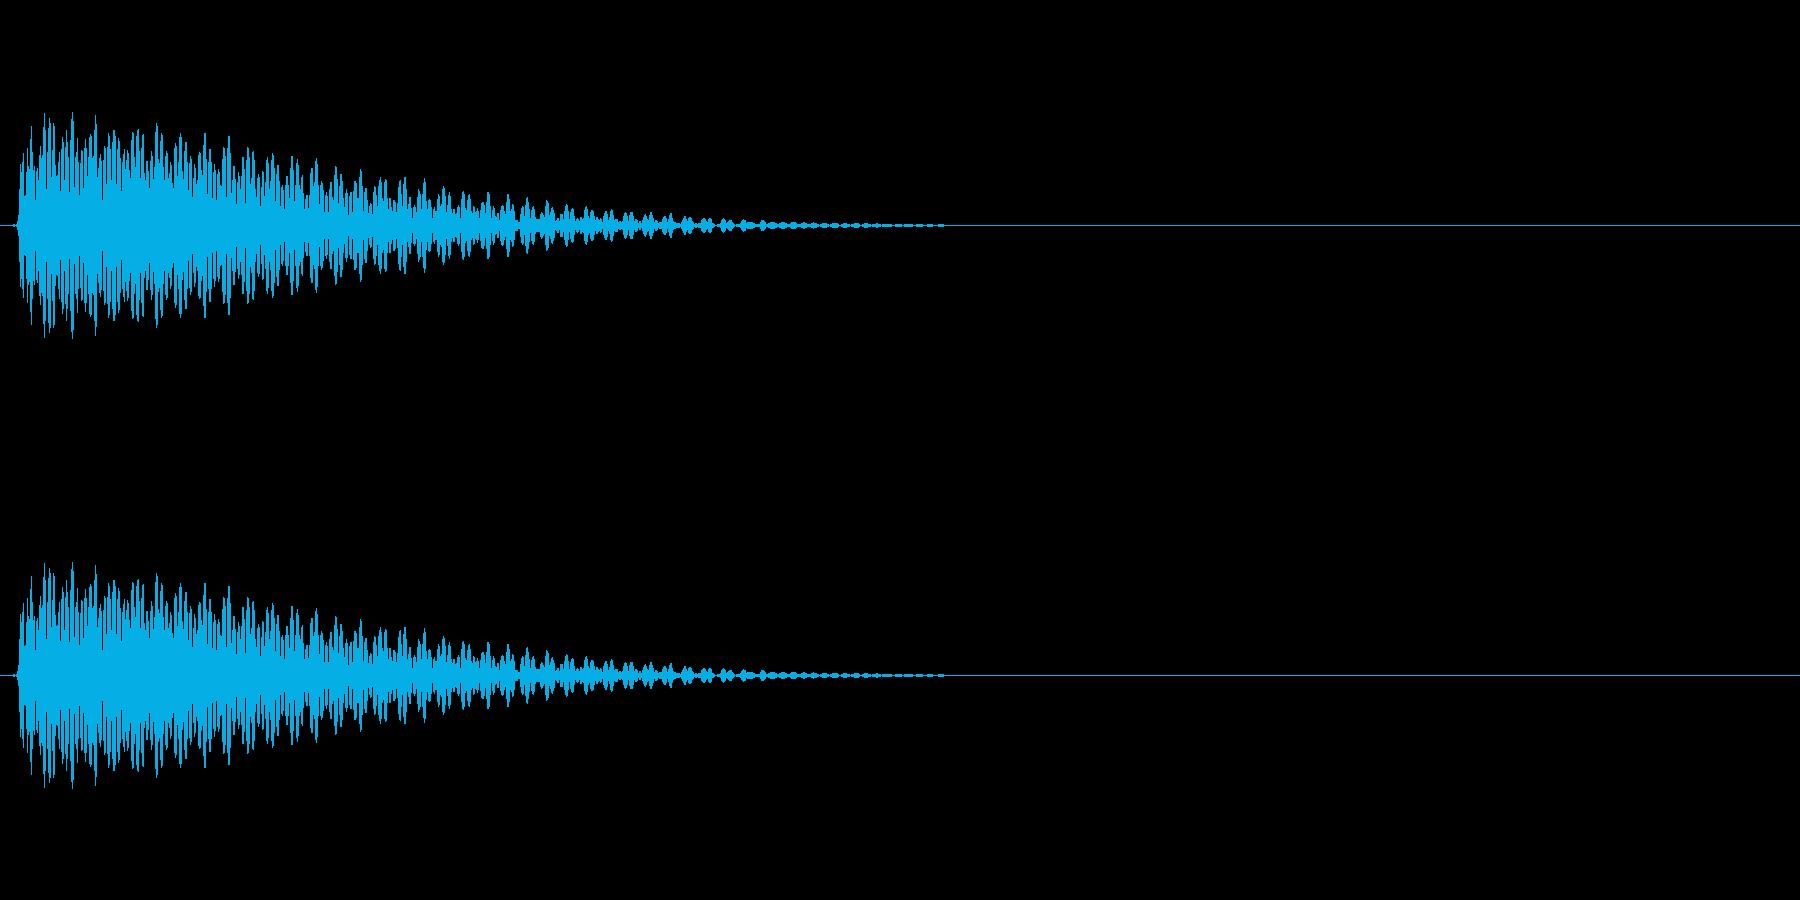 LoFiドラムキット06-タムの再生済みの波形